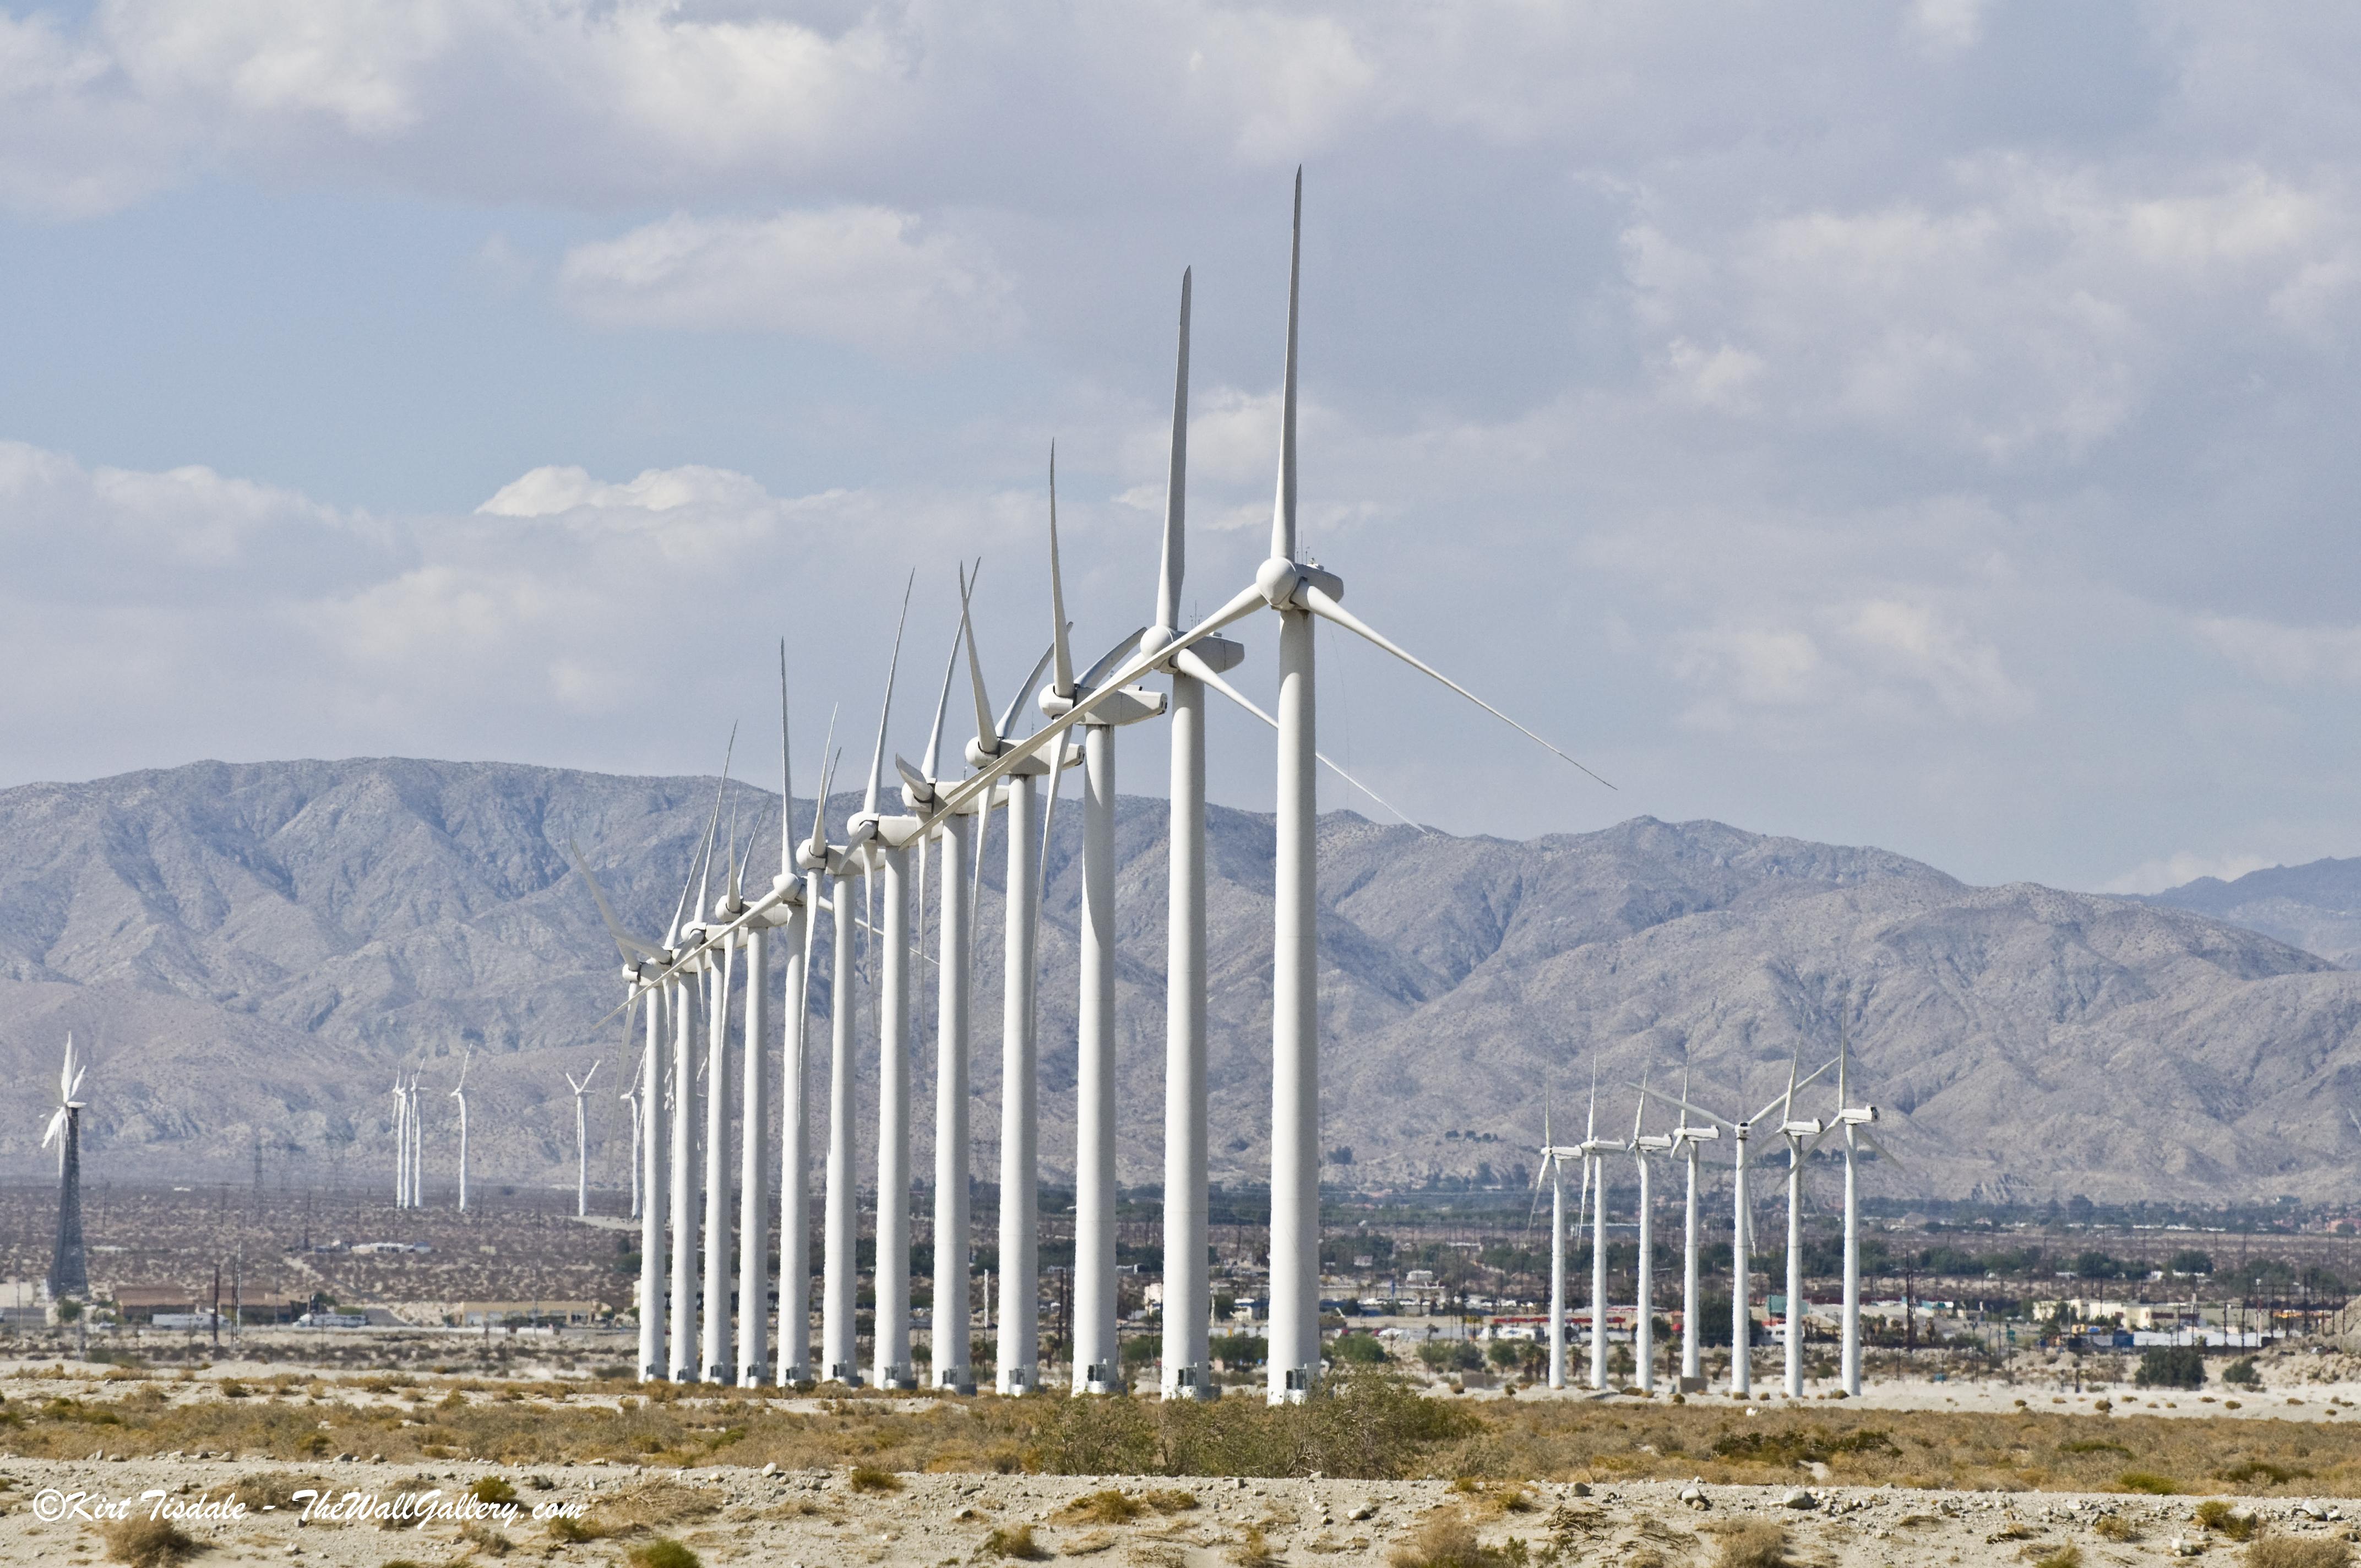 Wind Turbine 2: original